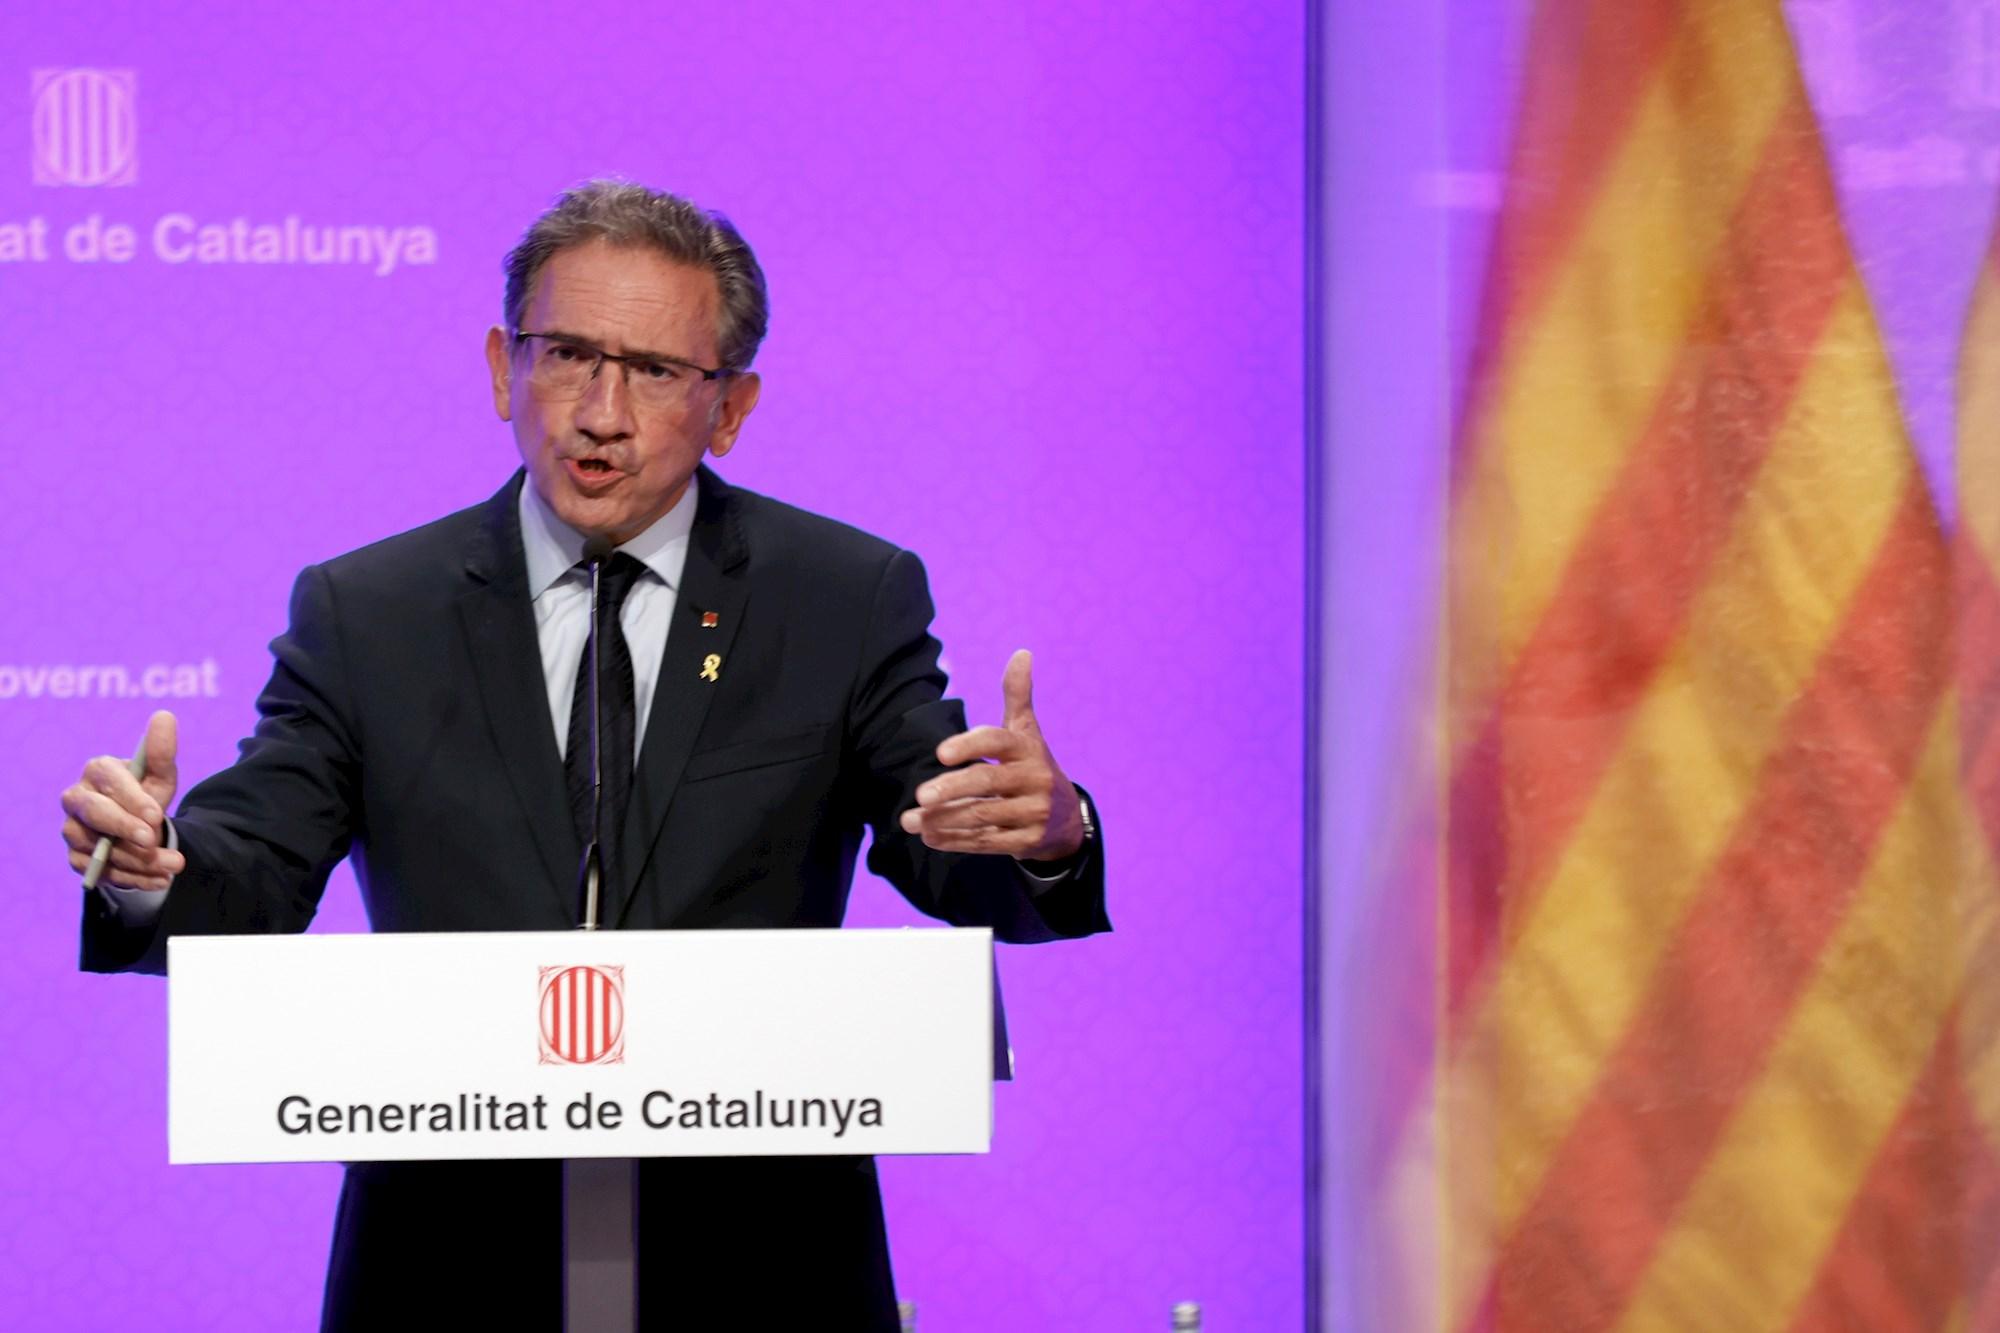 El TC catalán pide limitar los avales del ICF aprobados por Jaume Giró.